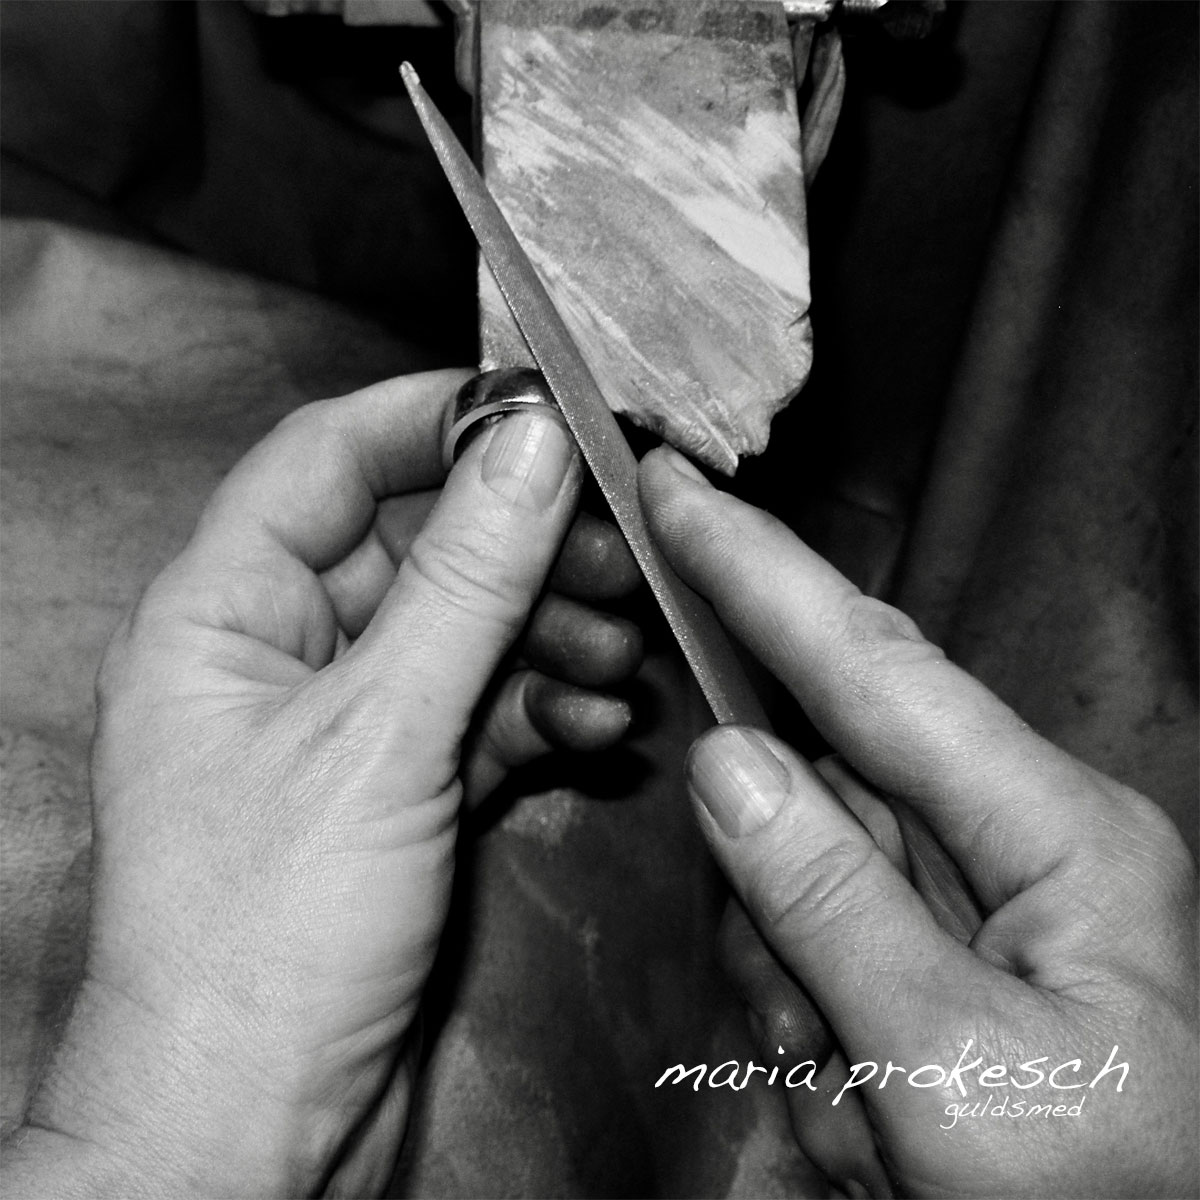 Alle smykker er håndlavet. Når vielsesringene bliver filet giver det endnu flere muligheder for personlige valg. Kundernes ønsker er vigtig